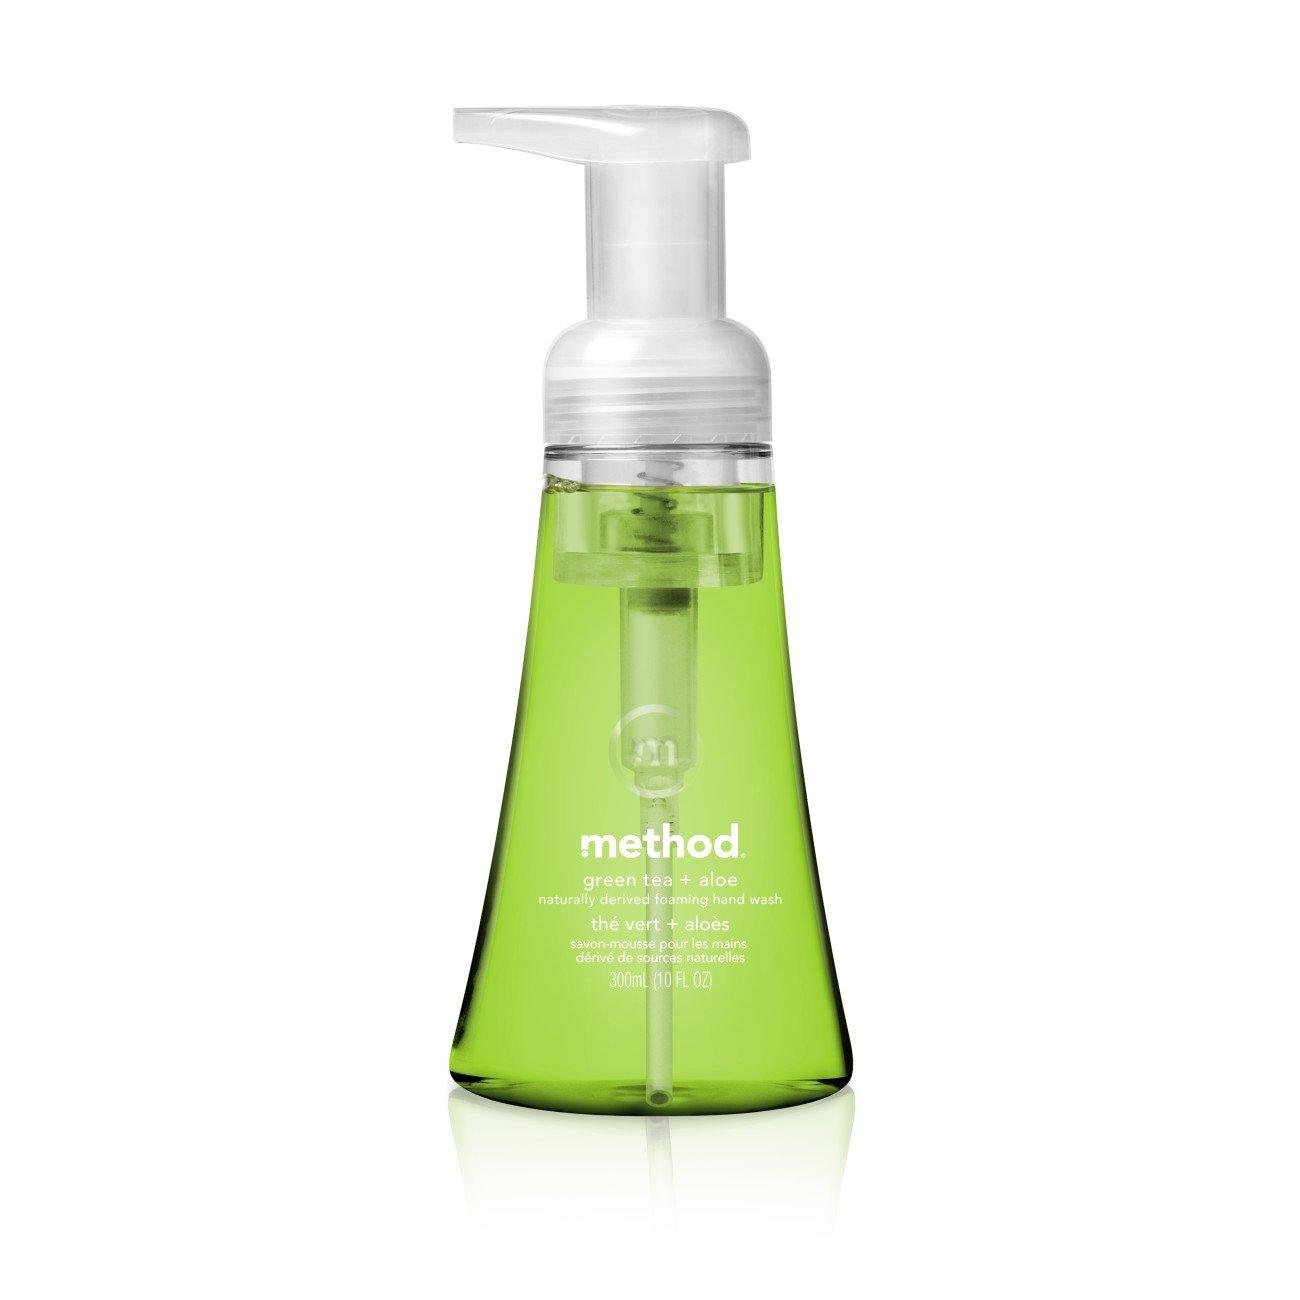 Method Foaming Hand Soap, Green Tea + Aloe, 10 Ounce (Pack 6)